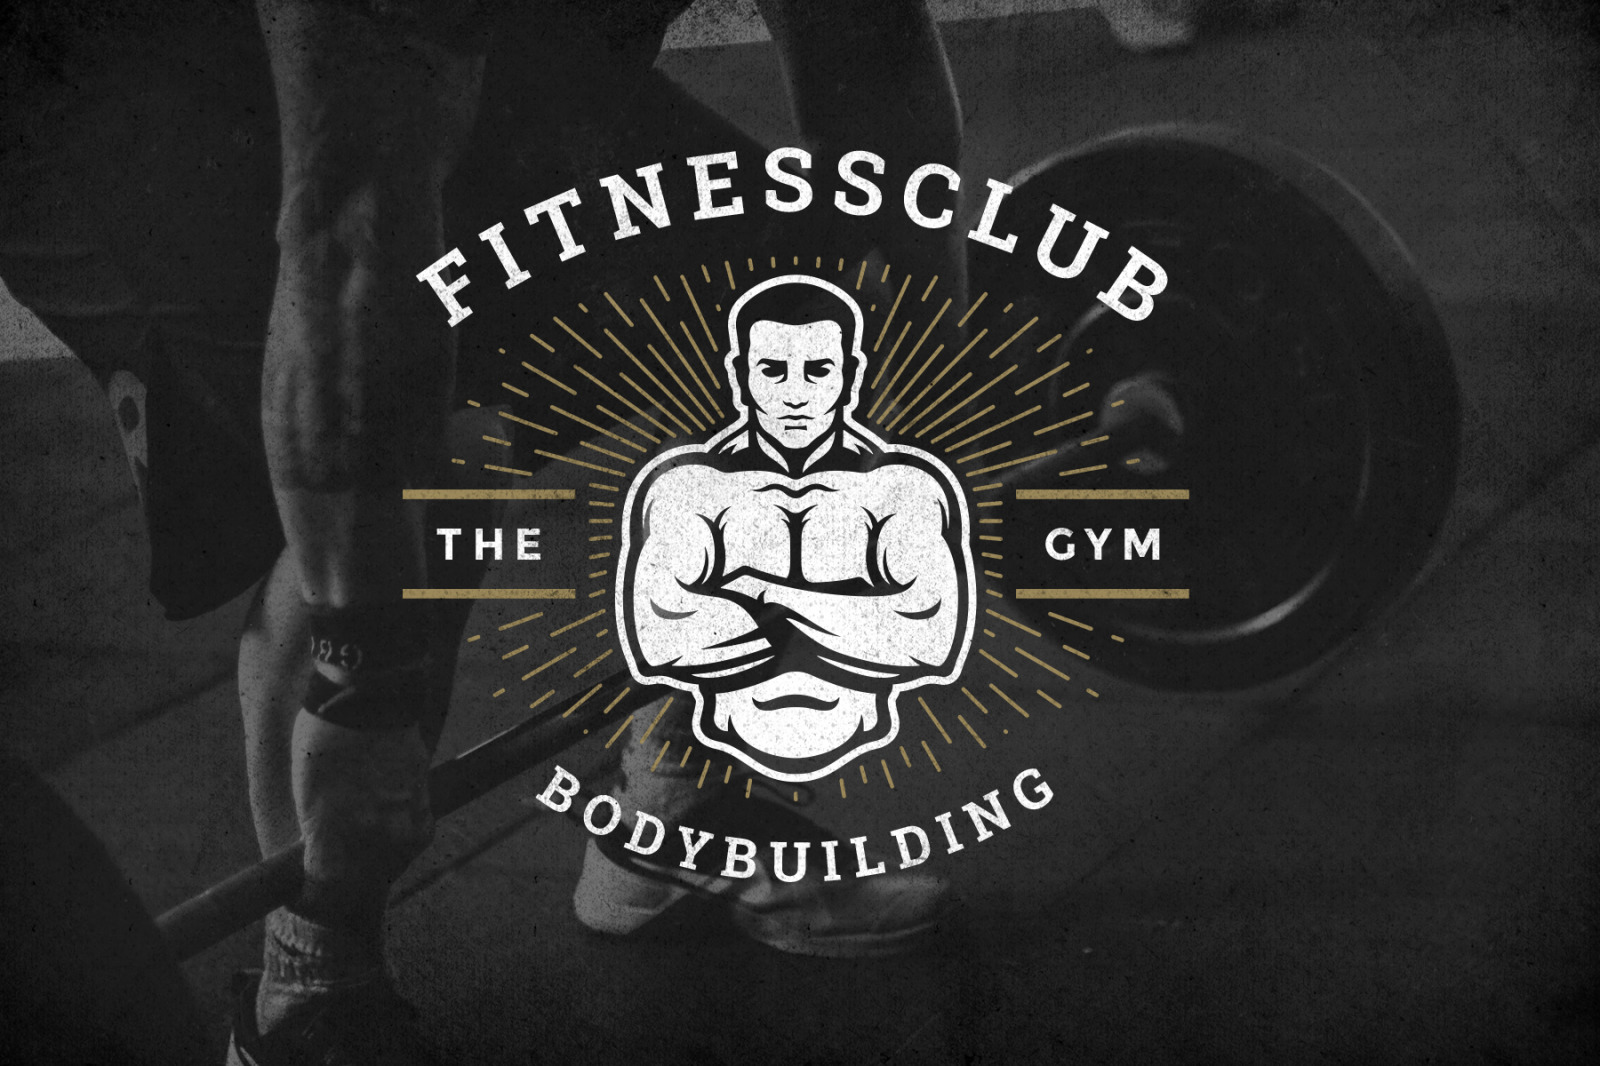 Retro Fitness & Gym Logos Set